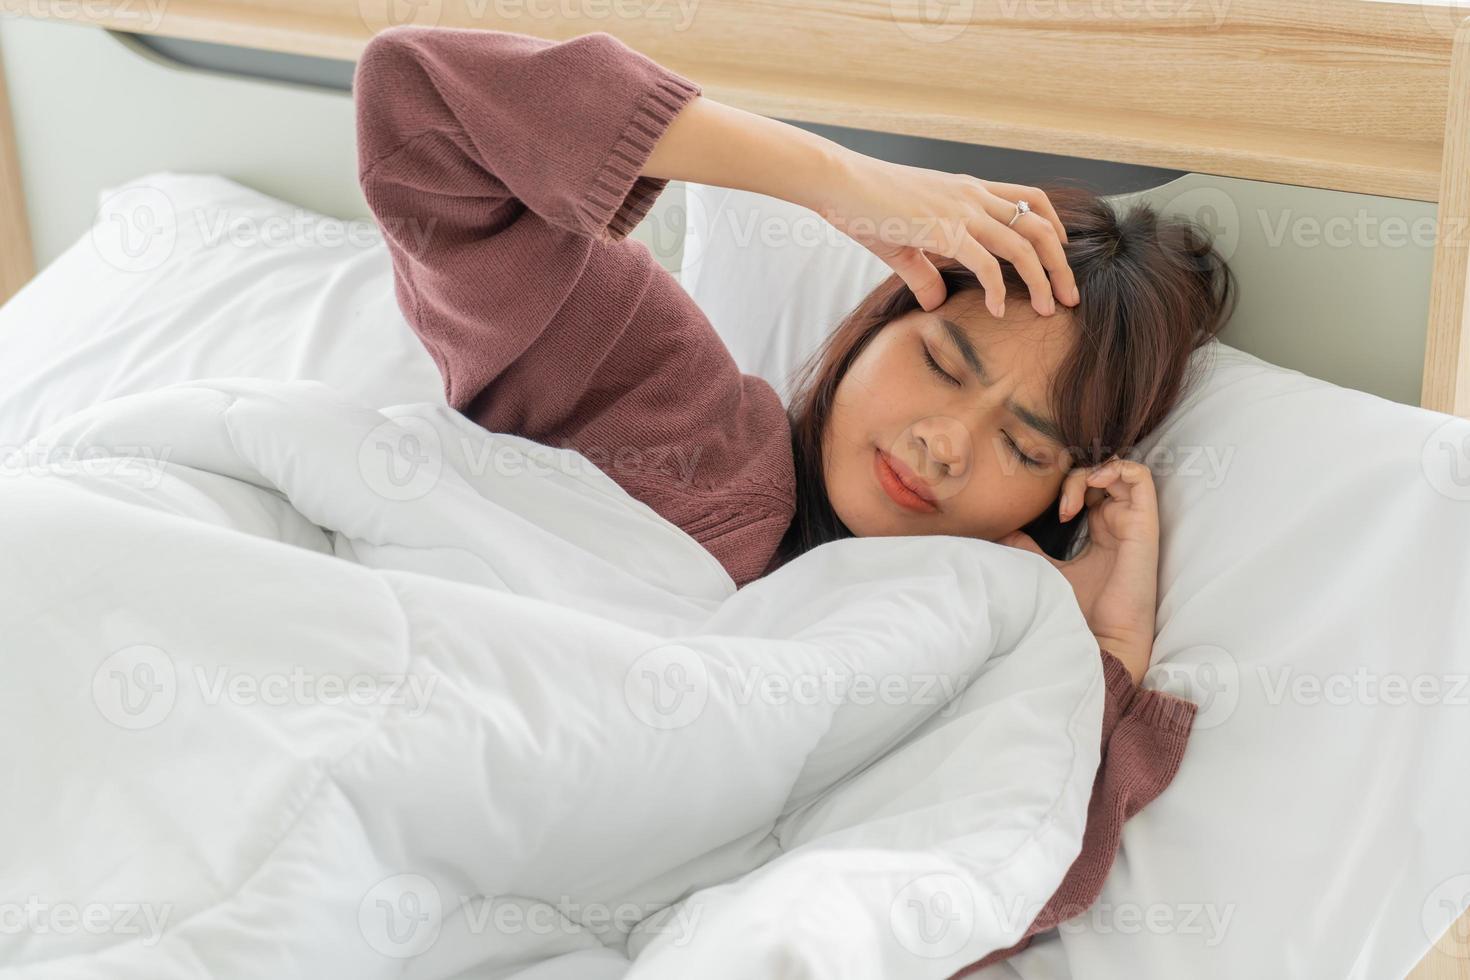 femme asiatique avec maux de tête et dormir sur le lit photo